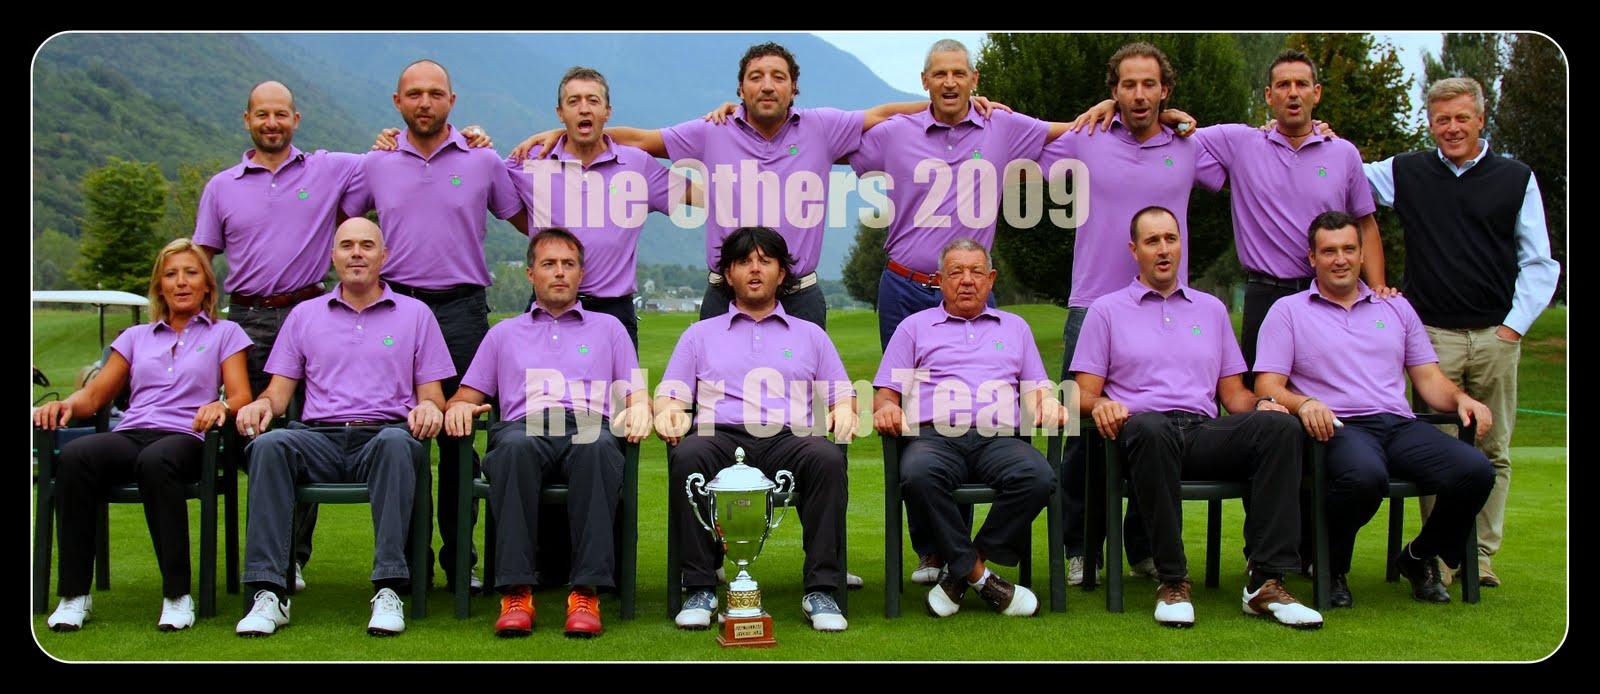 The Others  il team vincente del 2006,  2007 e 2008 della caiolo ryder cup